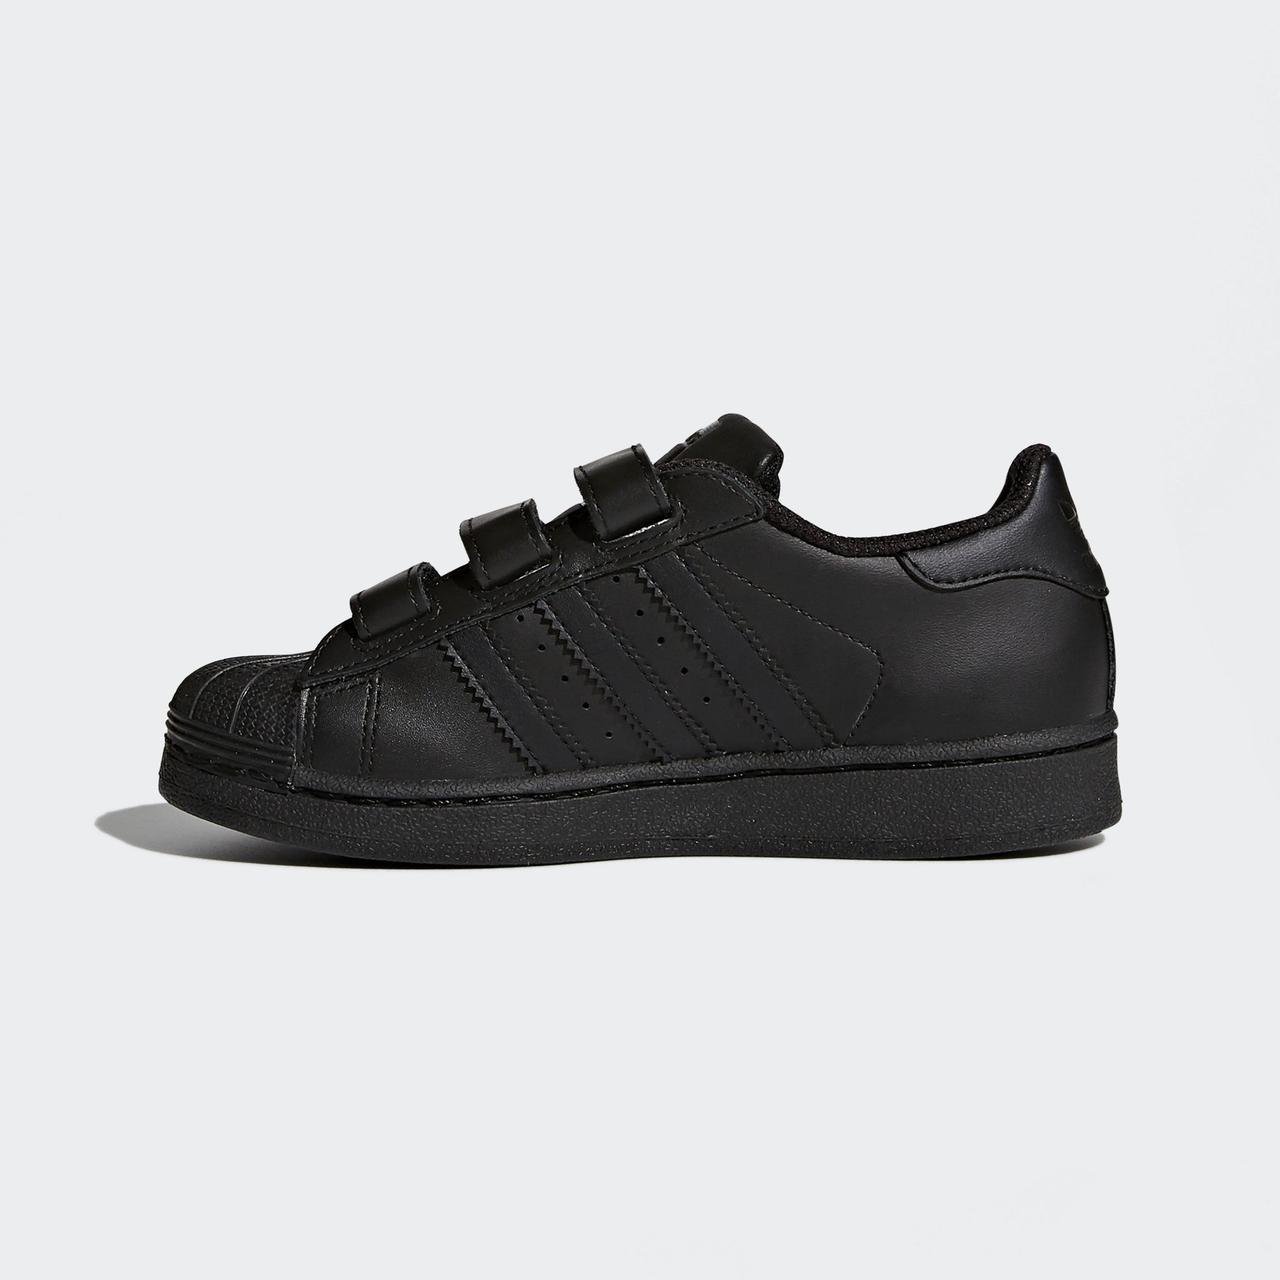 ... Детские кроссовки Adidas Originals Superstar Foundation (Артикул   B25728) 97e35124bda03